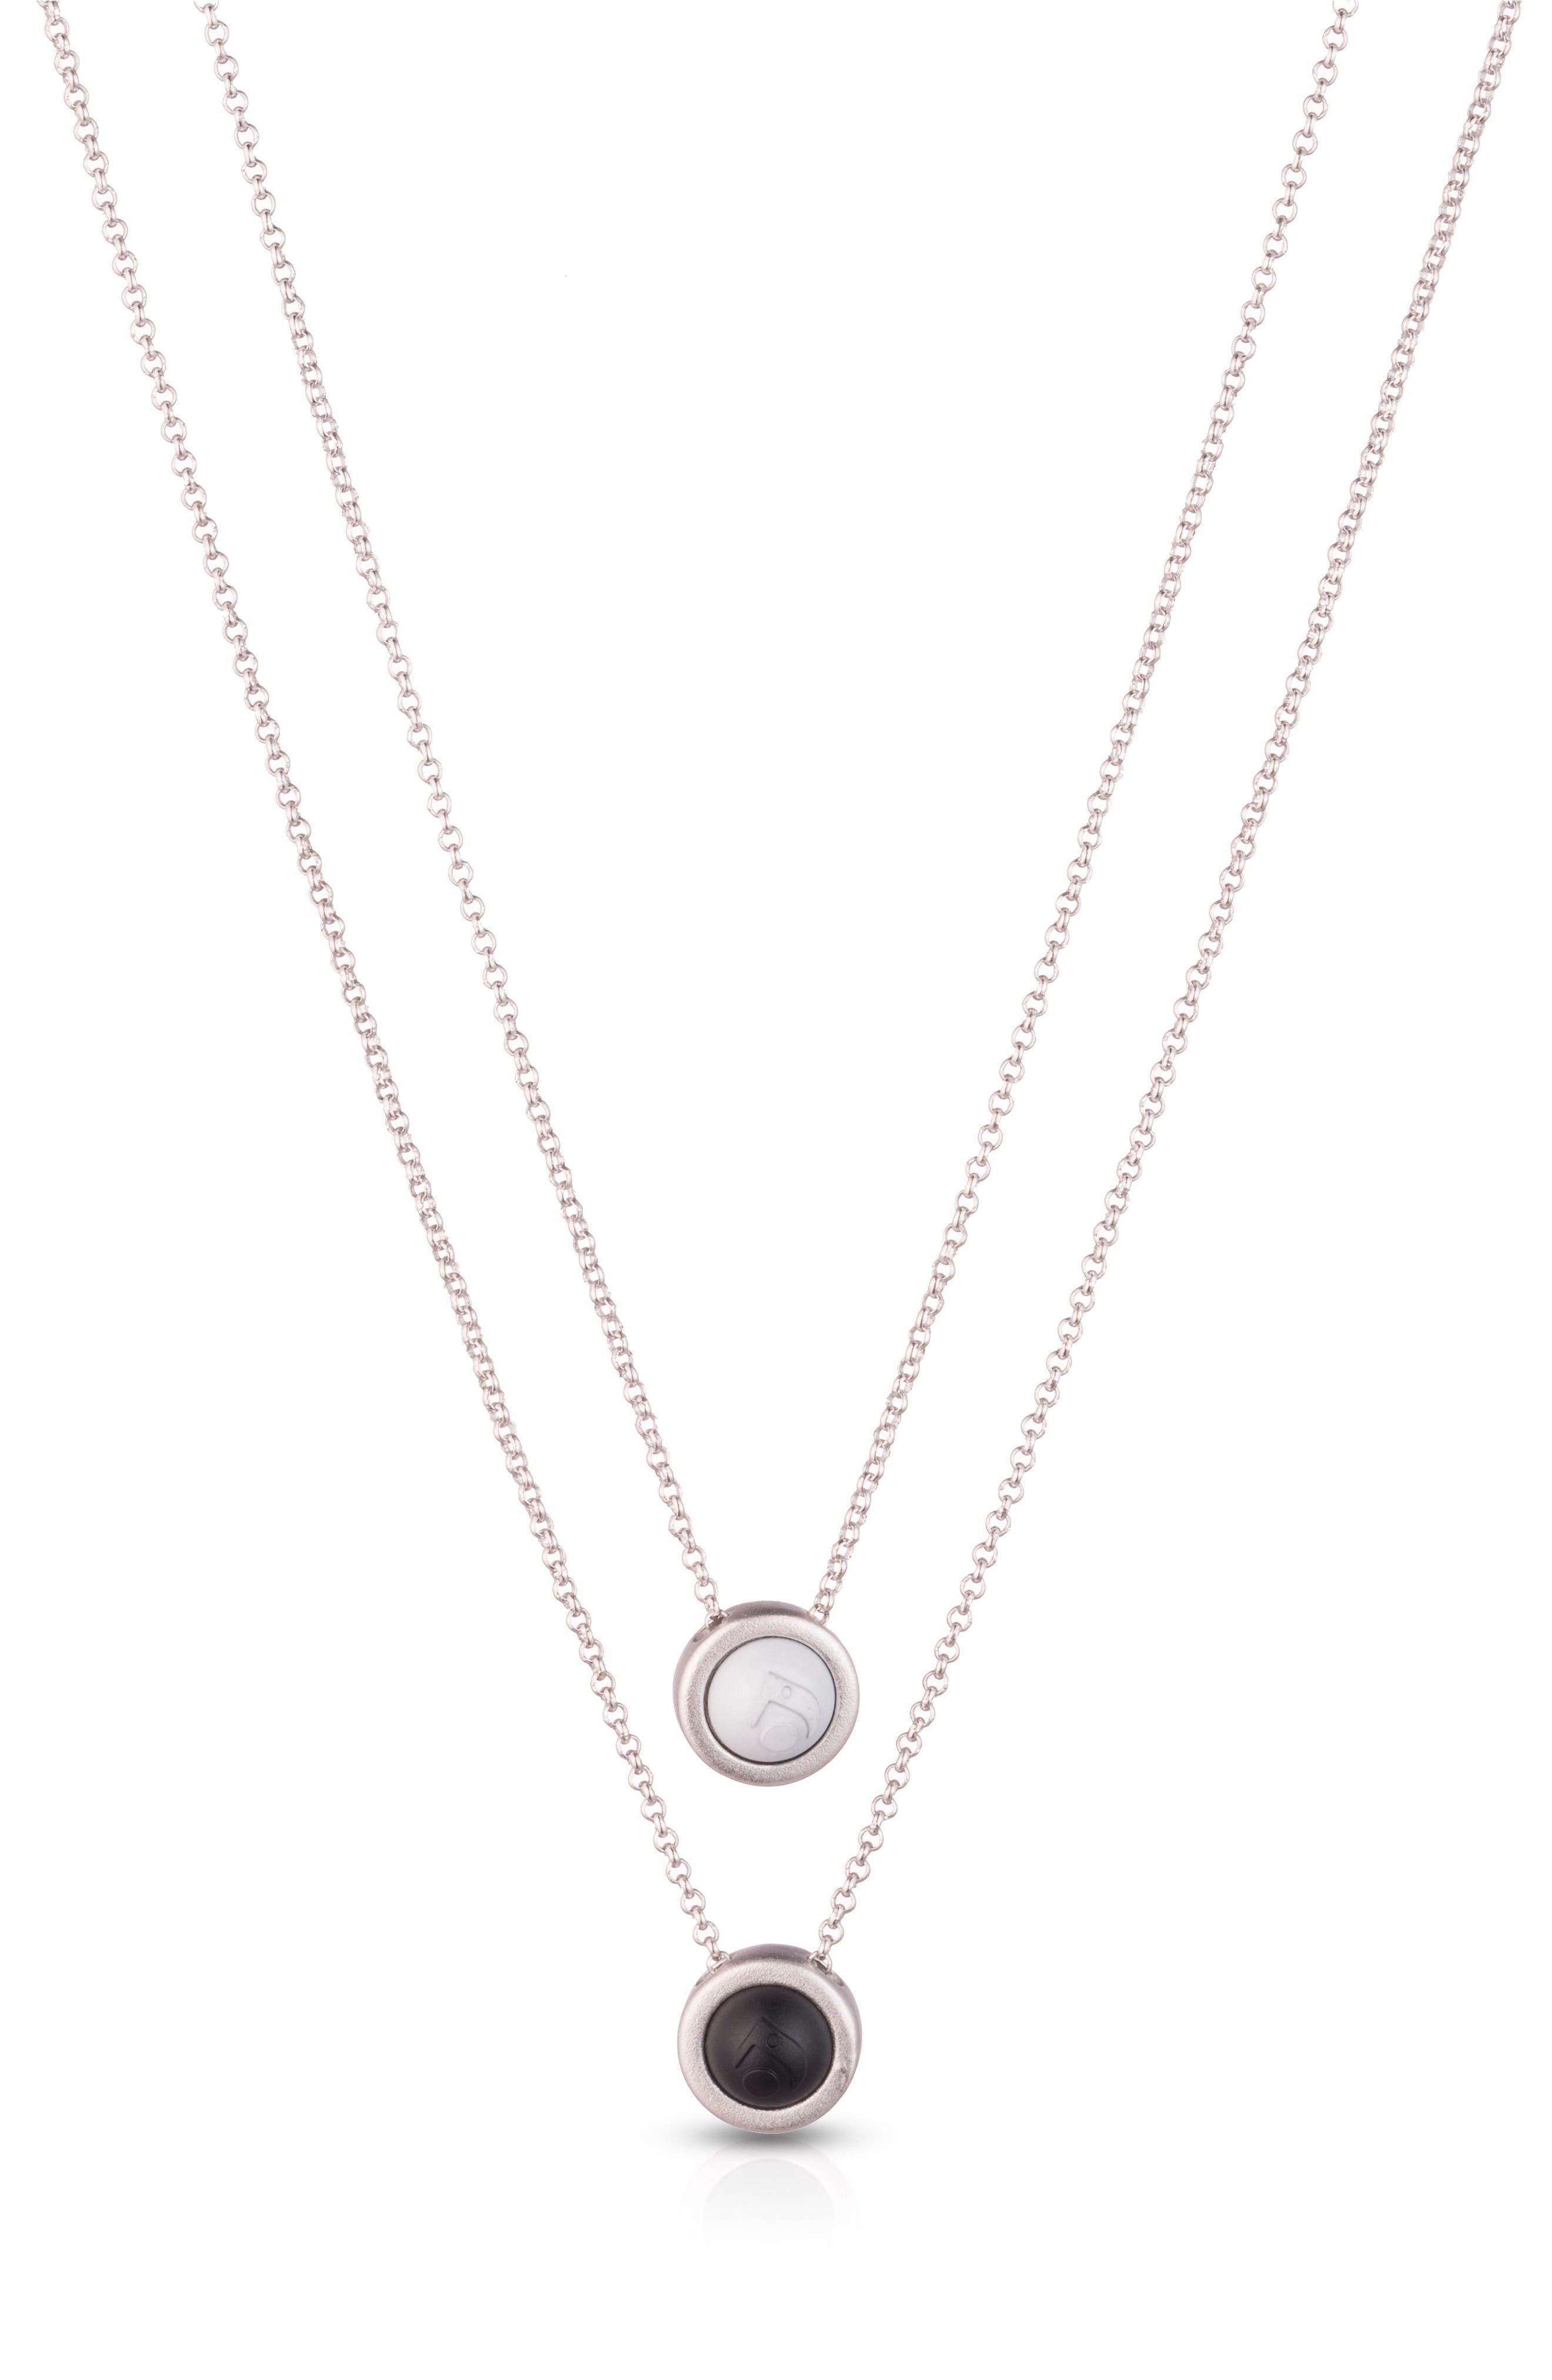 Double Fine Chain Pendant Necklace,                             Main thumbnail 1, color,                             Silver